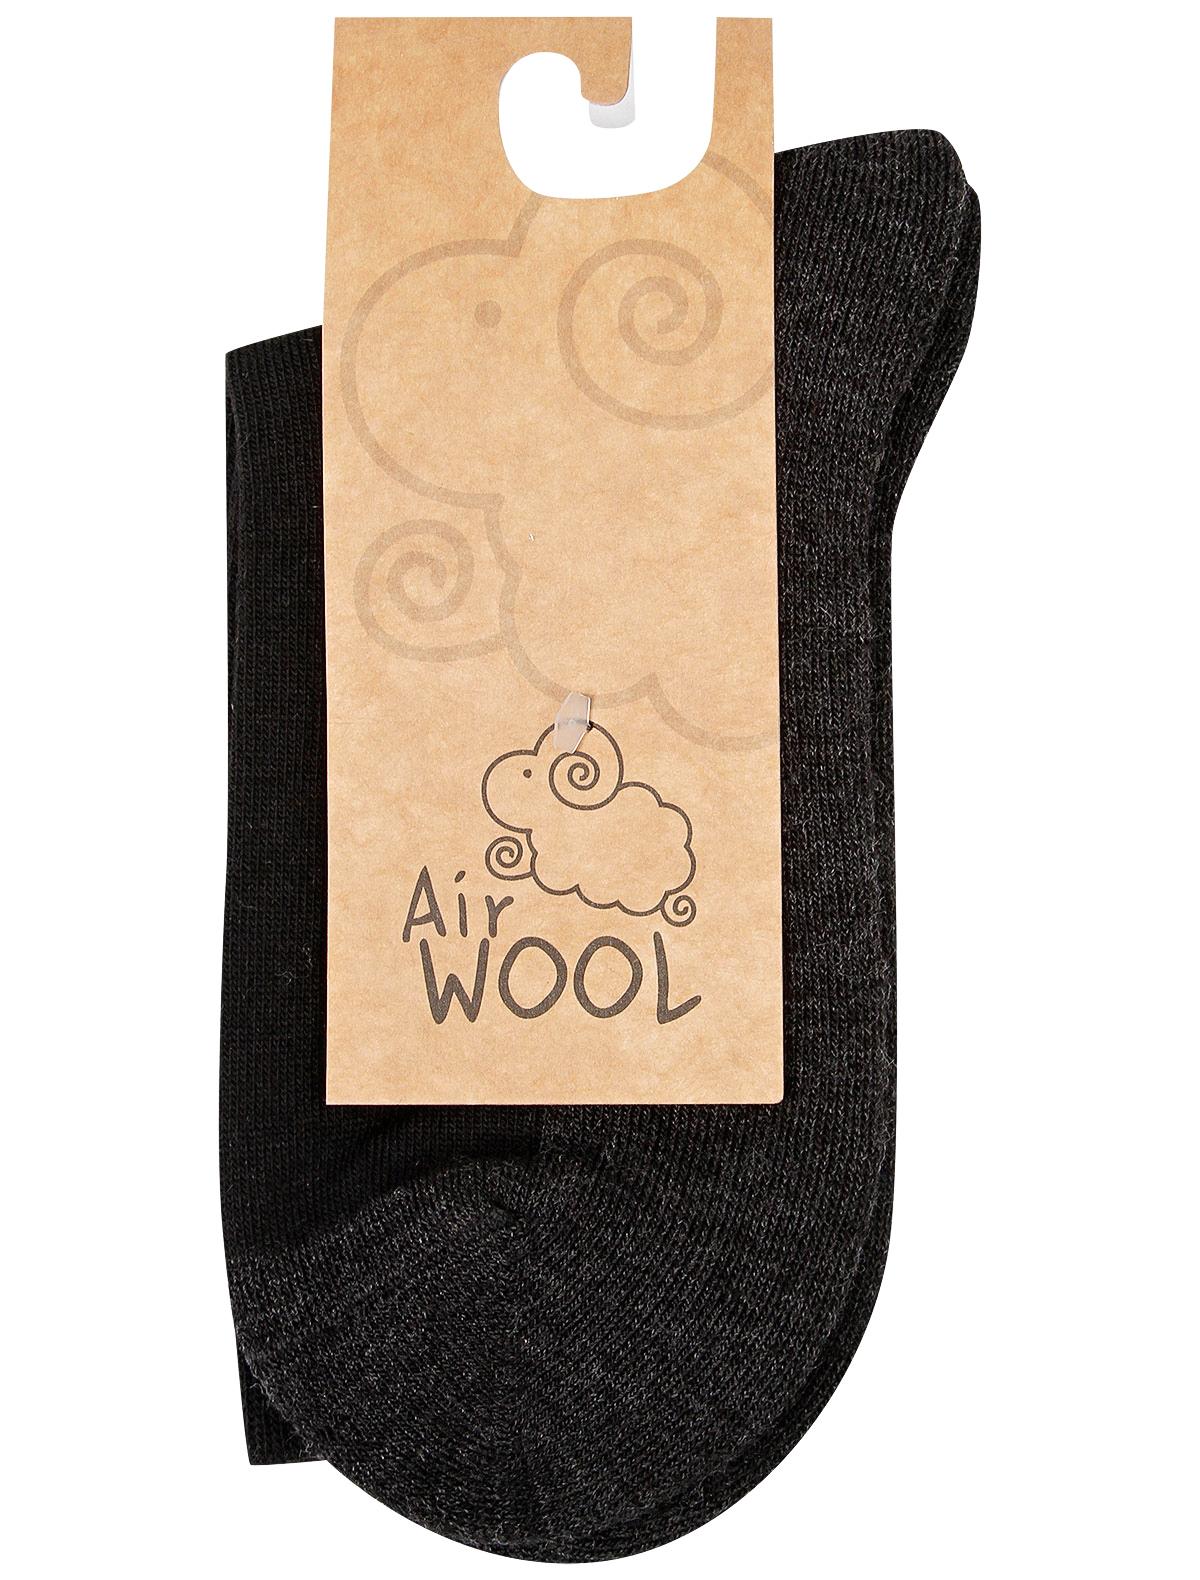 Купить 2135808, Носки Air wool, черный, Мужской, 1531119980093